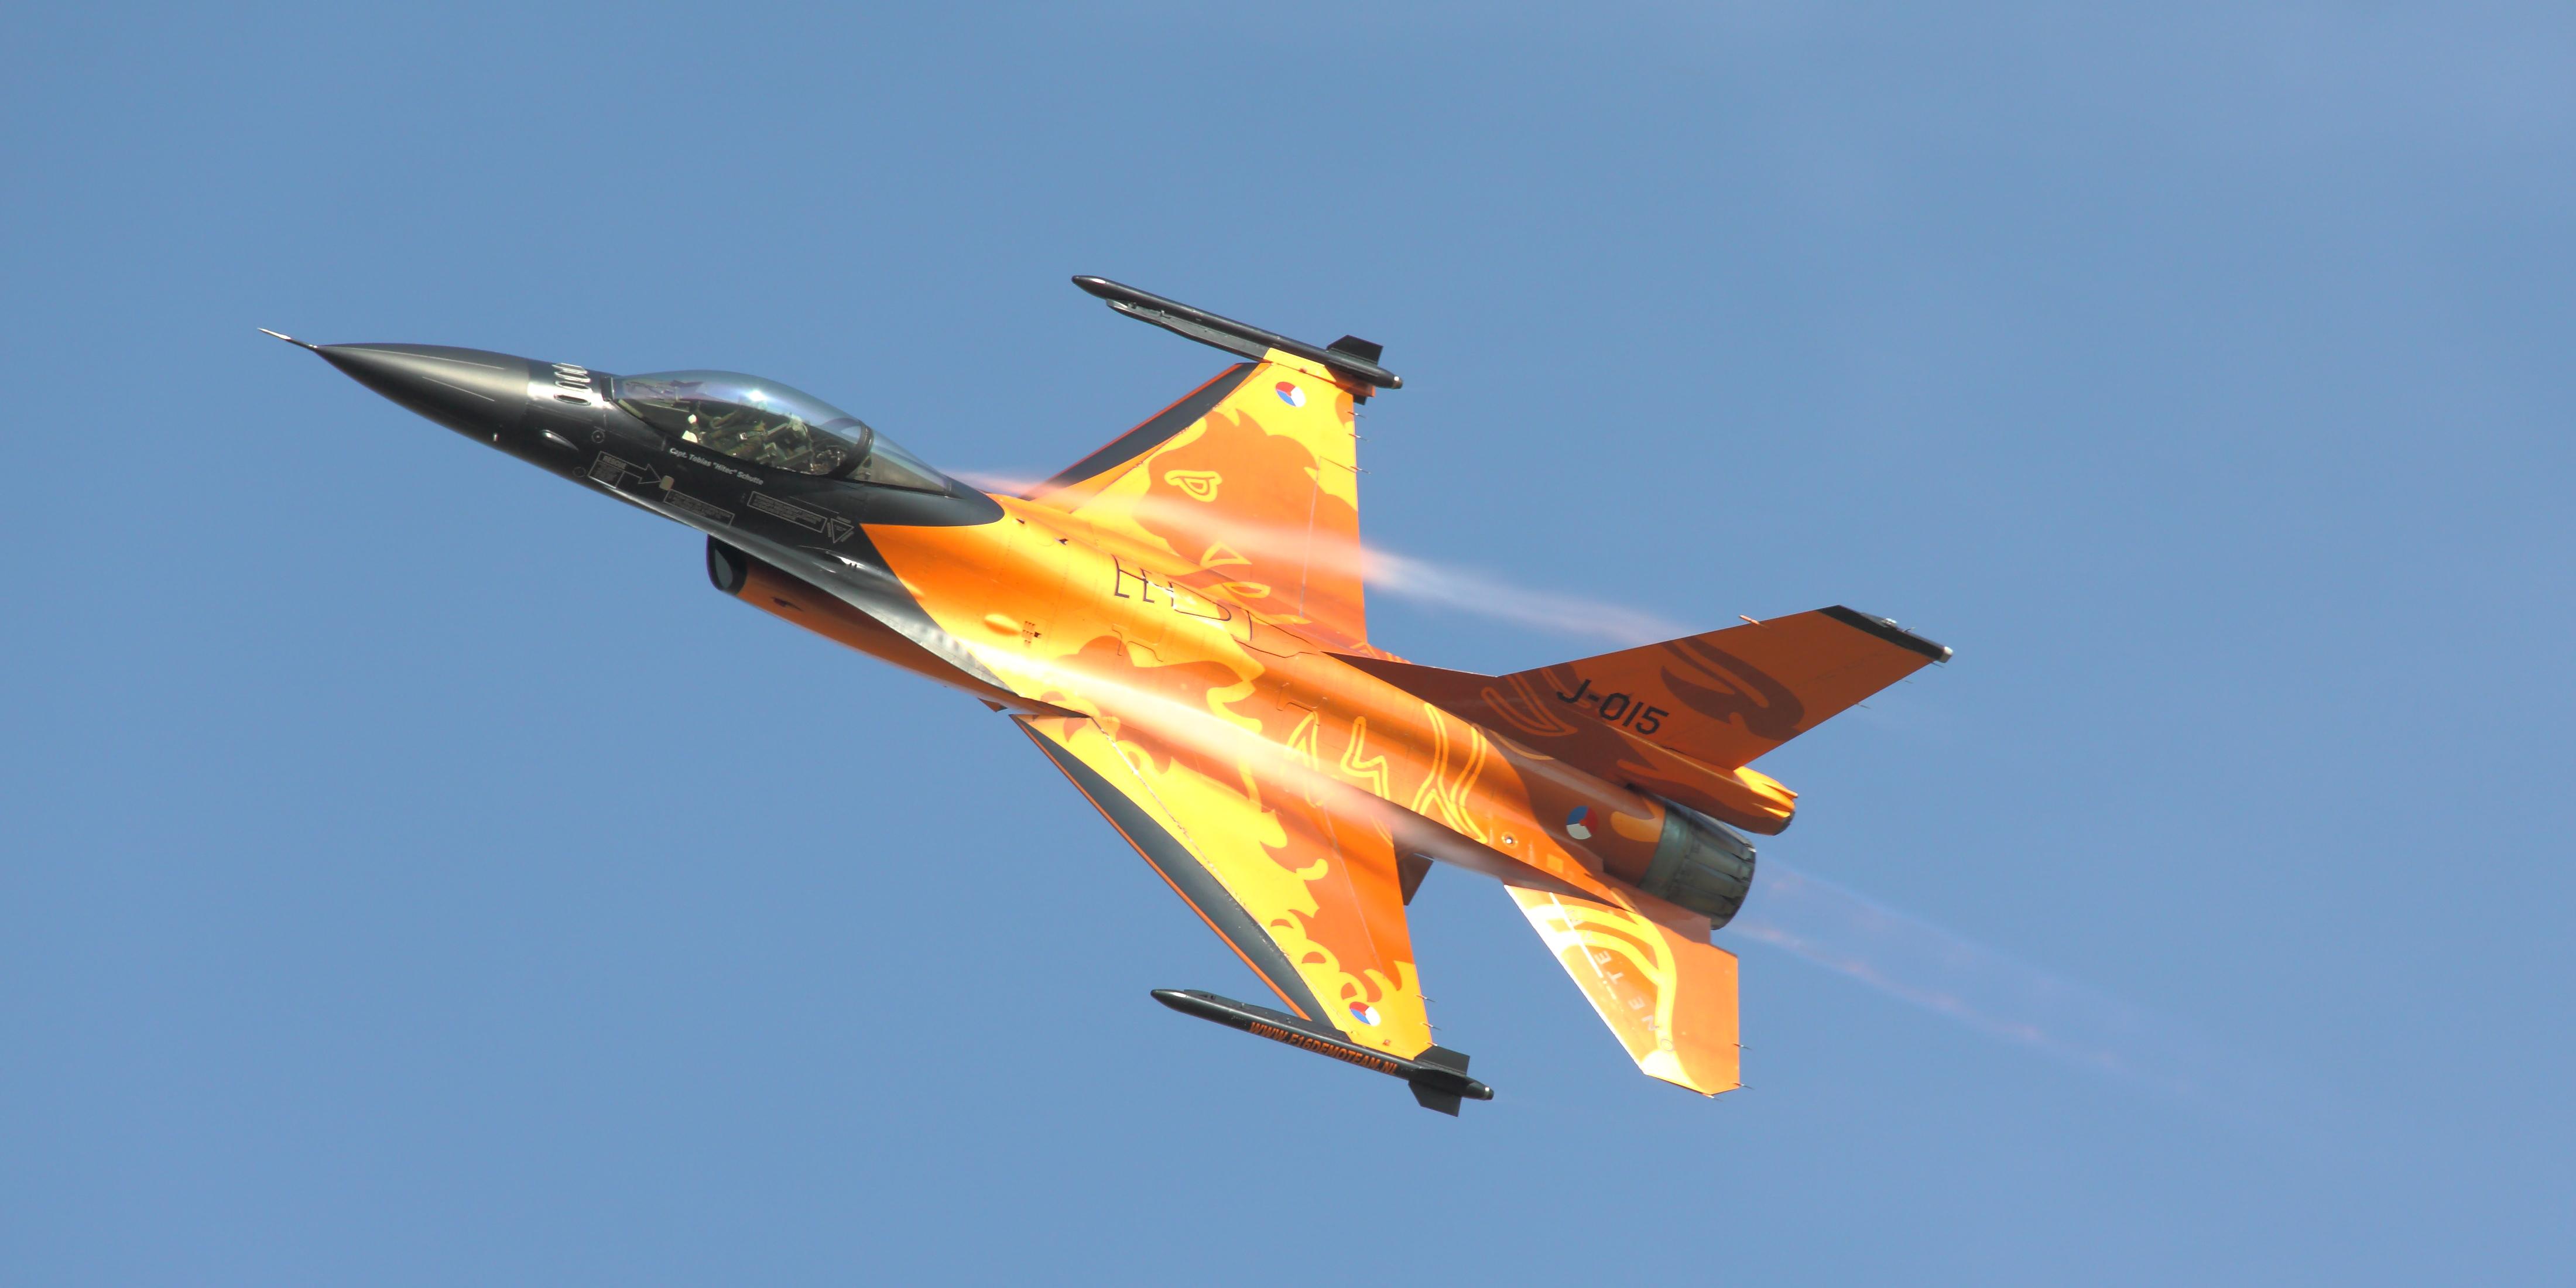 Avioane olandeze de tip F-16 au inceput sa survoleze zonele de lupta din Irak